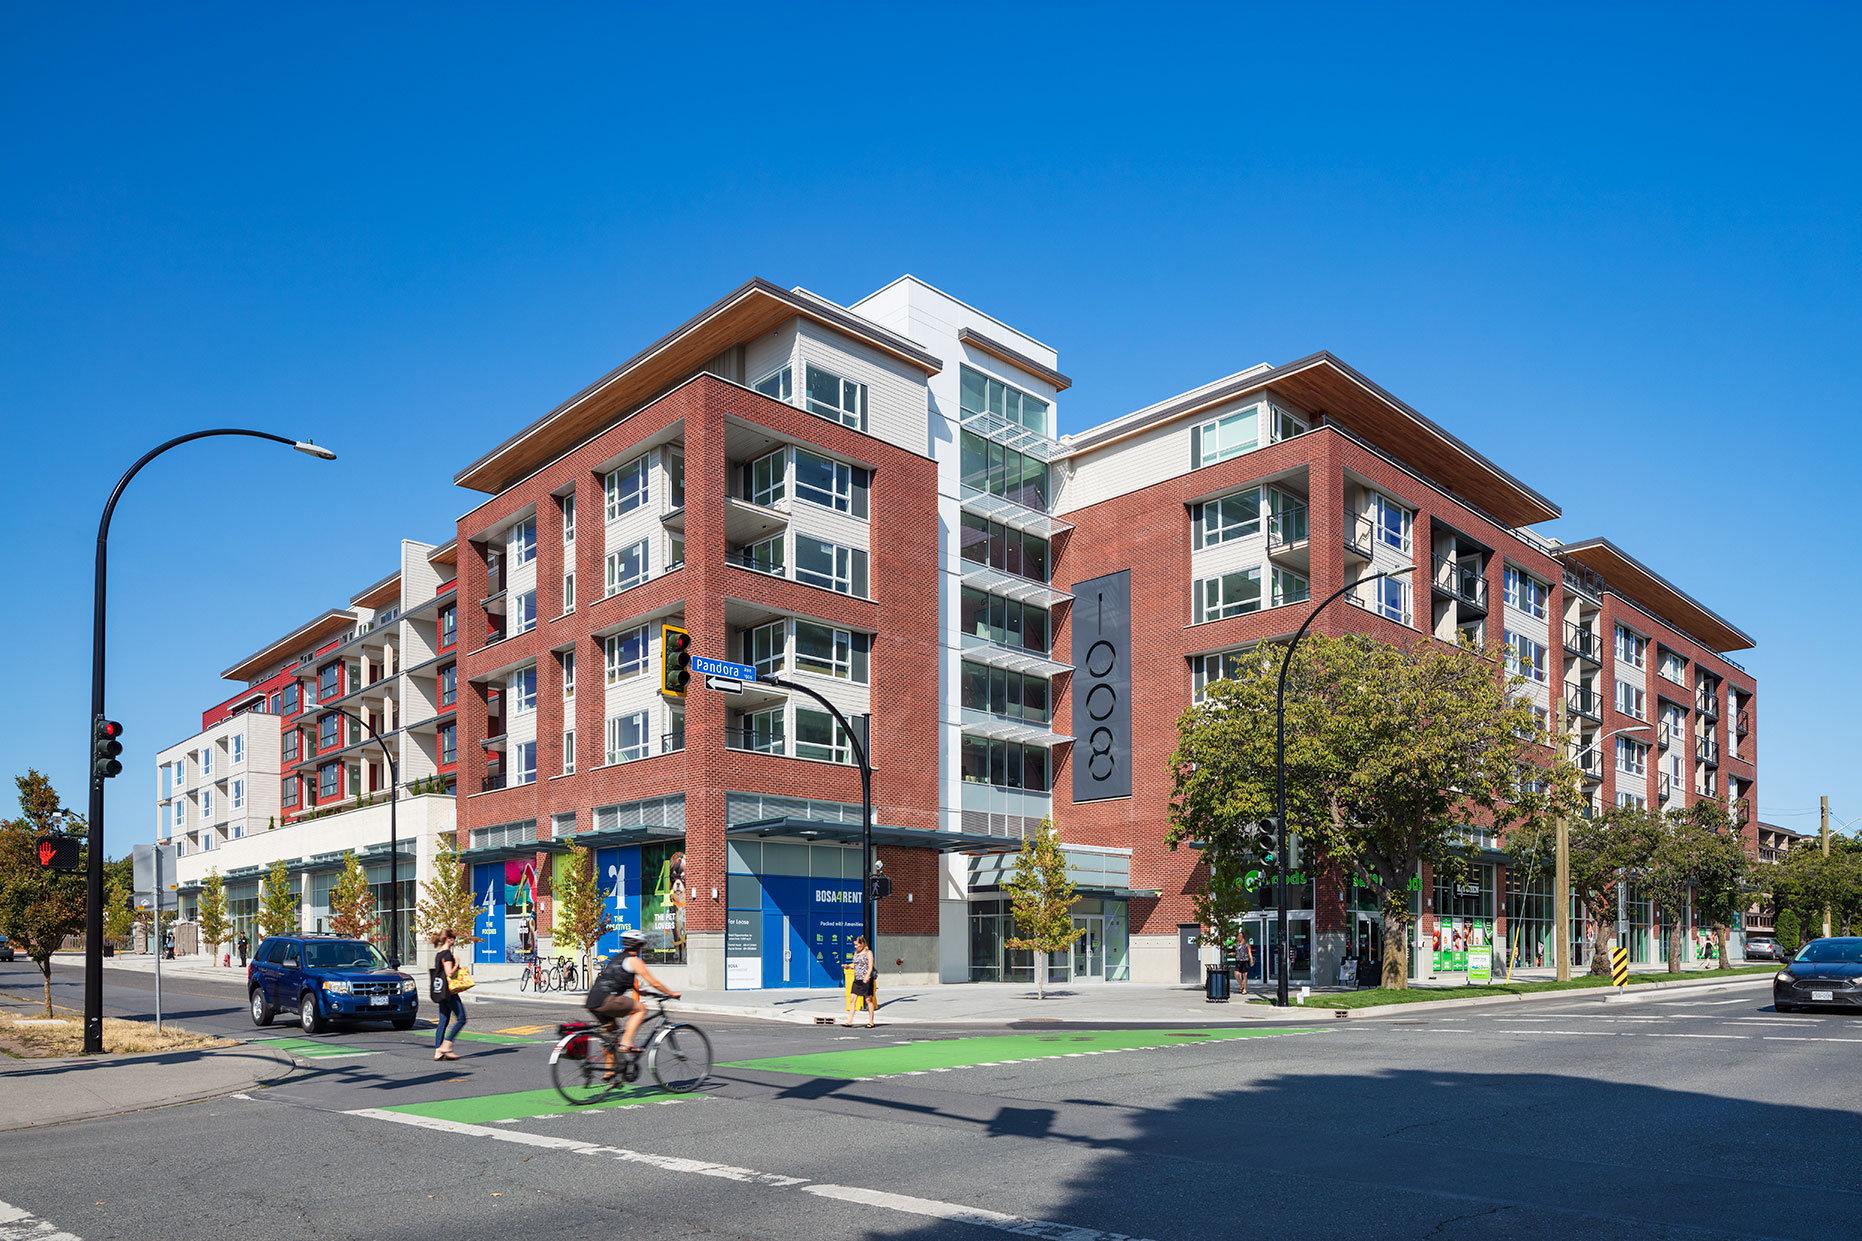 Building Exterior - 1008 Pandora Ave, Victoria, BC V8V 3P5, Canada!